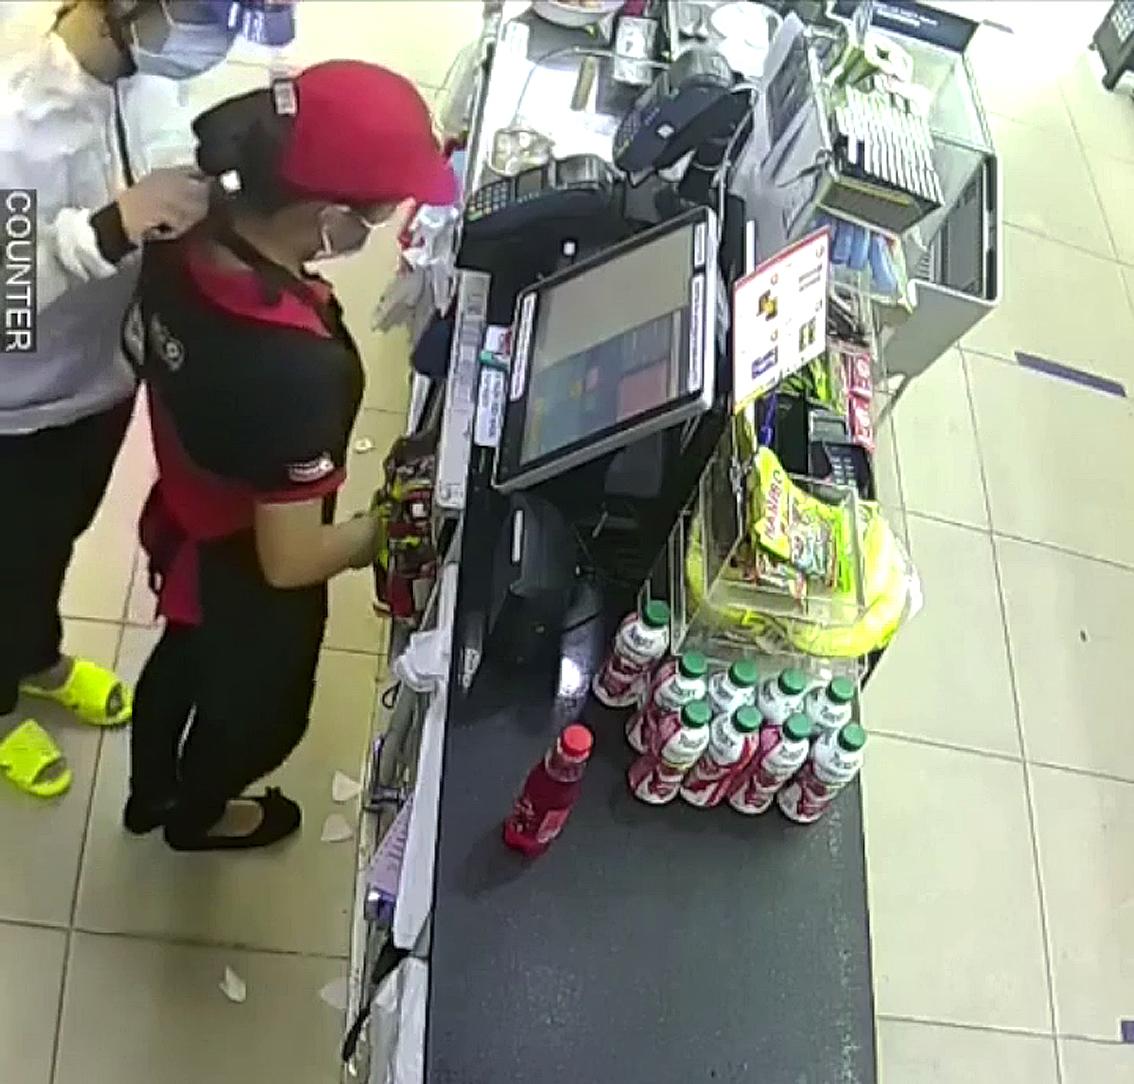 Tên trộm kề dao vào cổ nhân viên cửa hàng tiện lợi ở Q.8 để cướp tiền (ảnh từ camera cửa hàng)